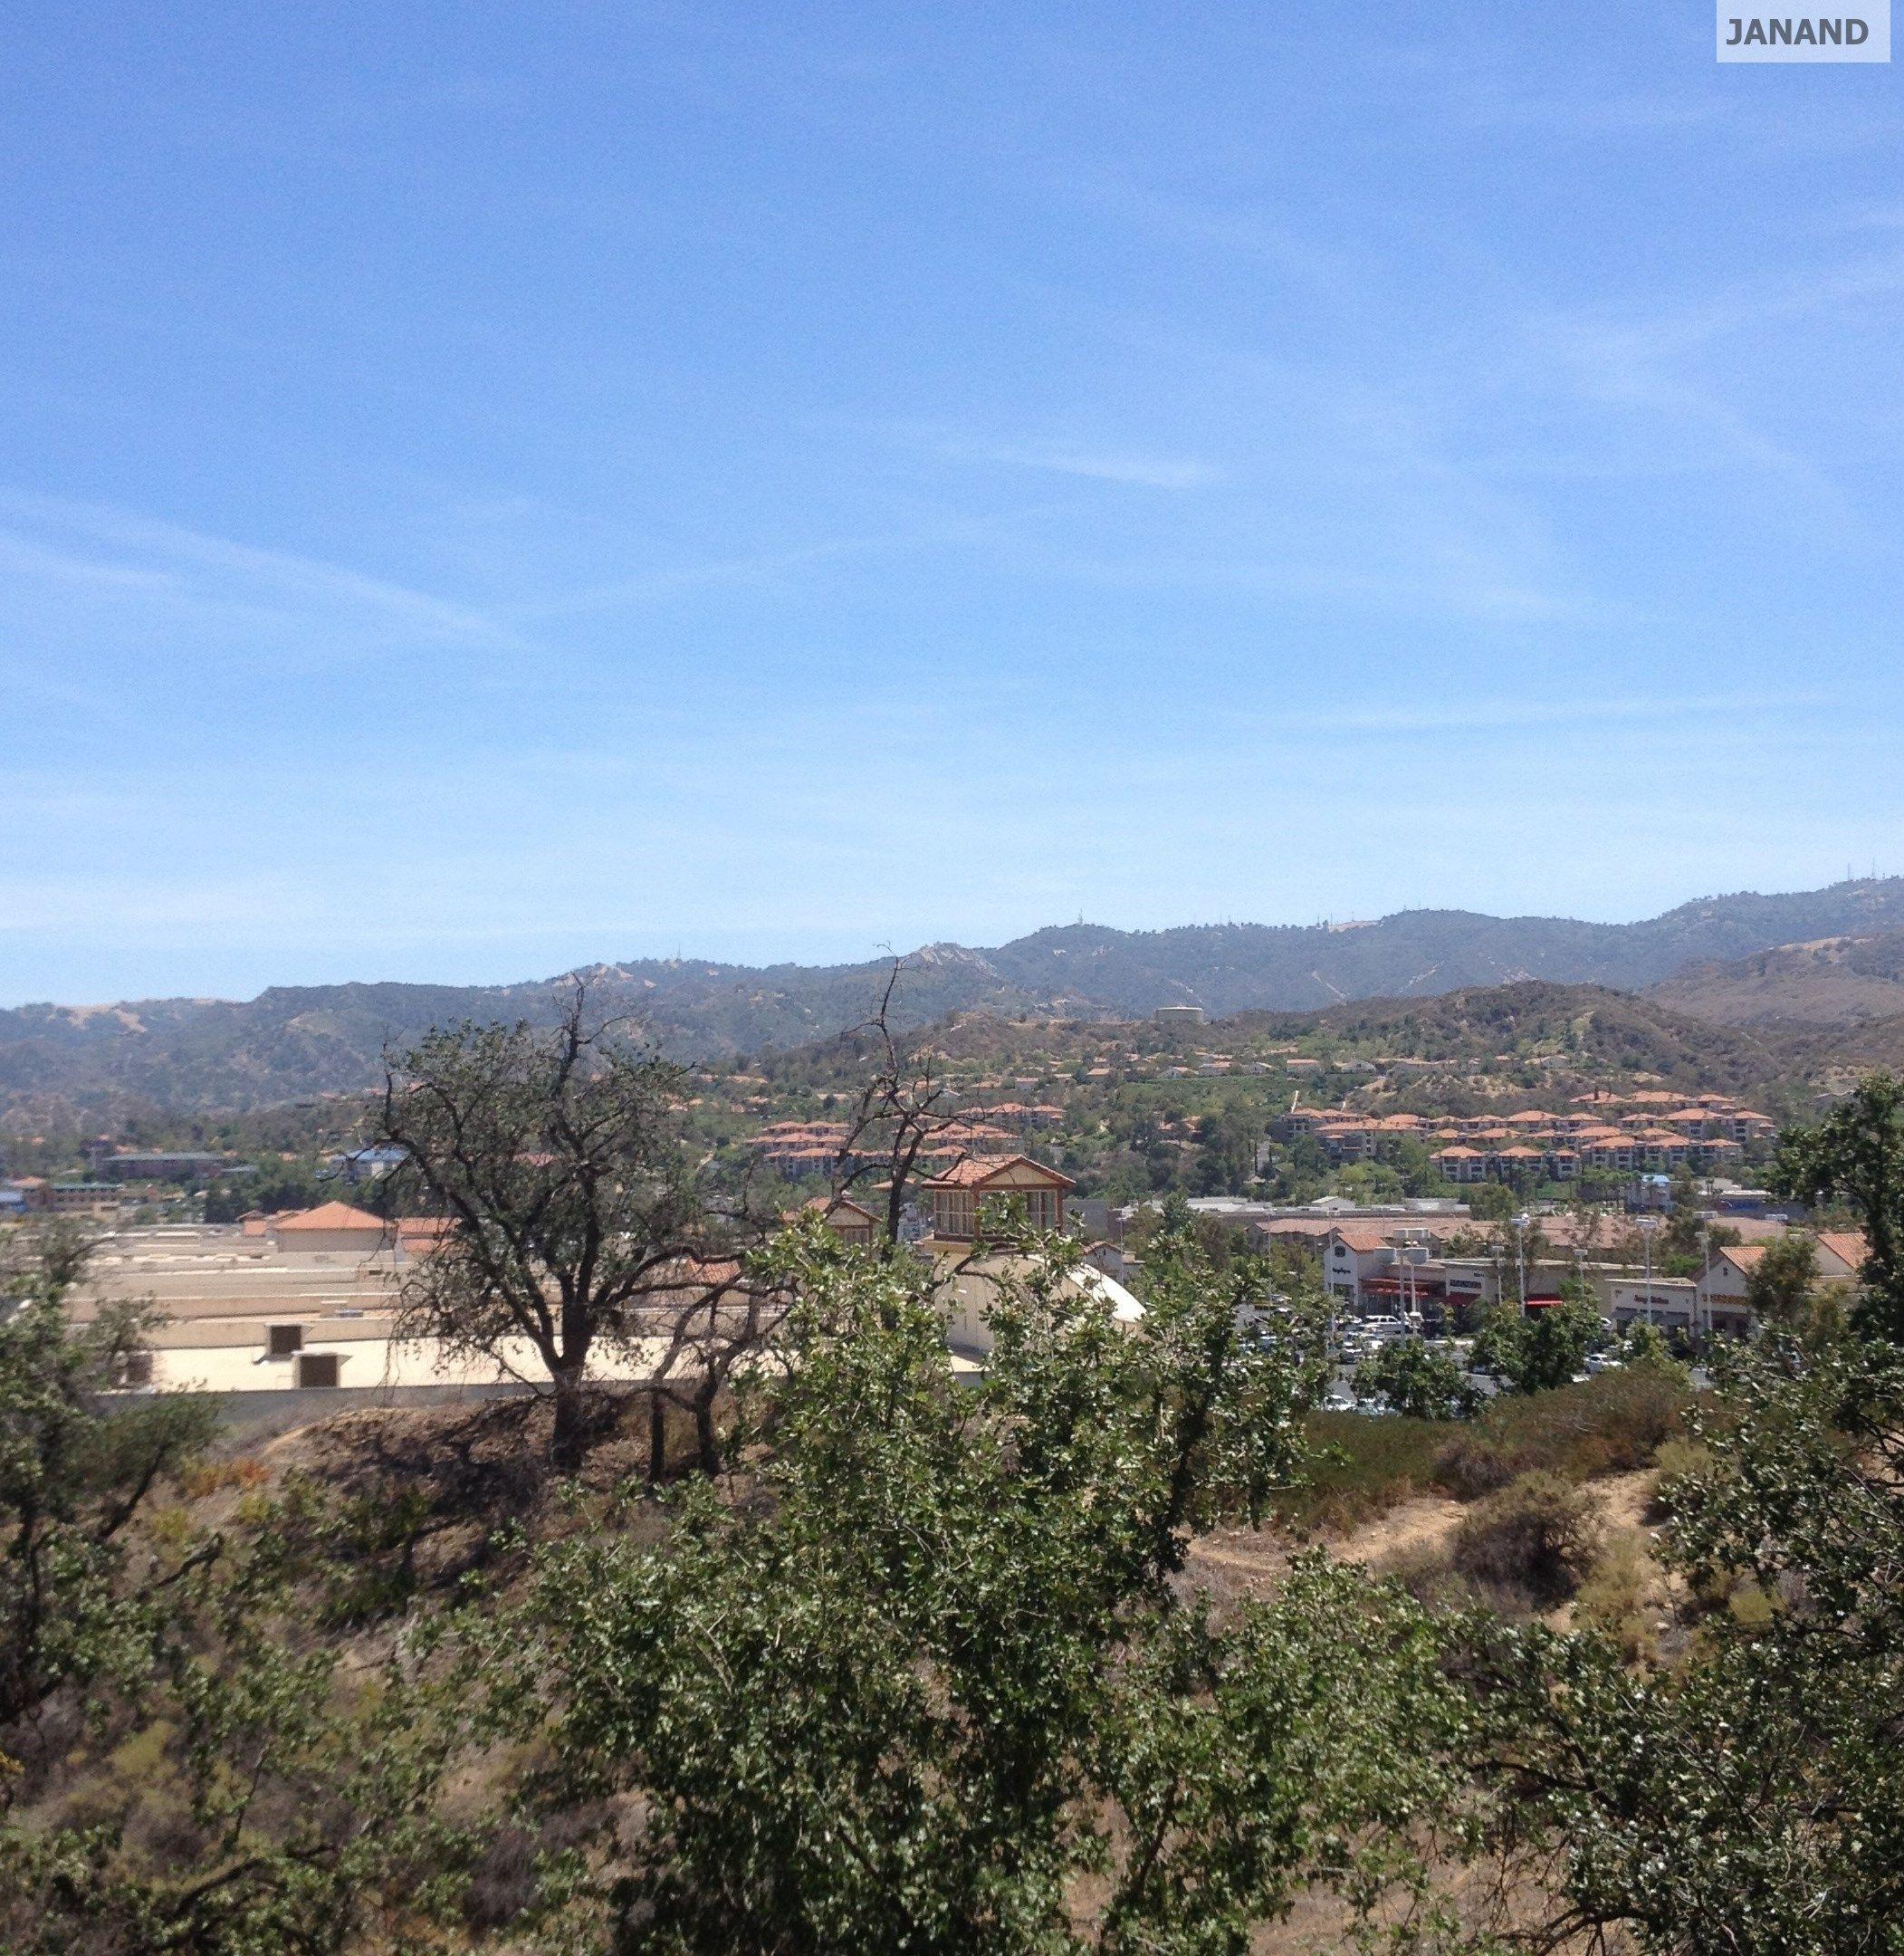 Scenic View near Valencia Ca Scenic, Scenic views, Adventure